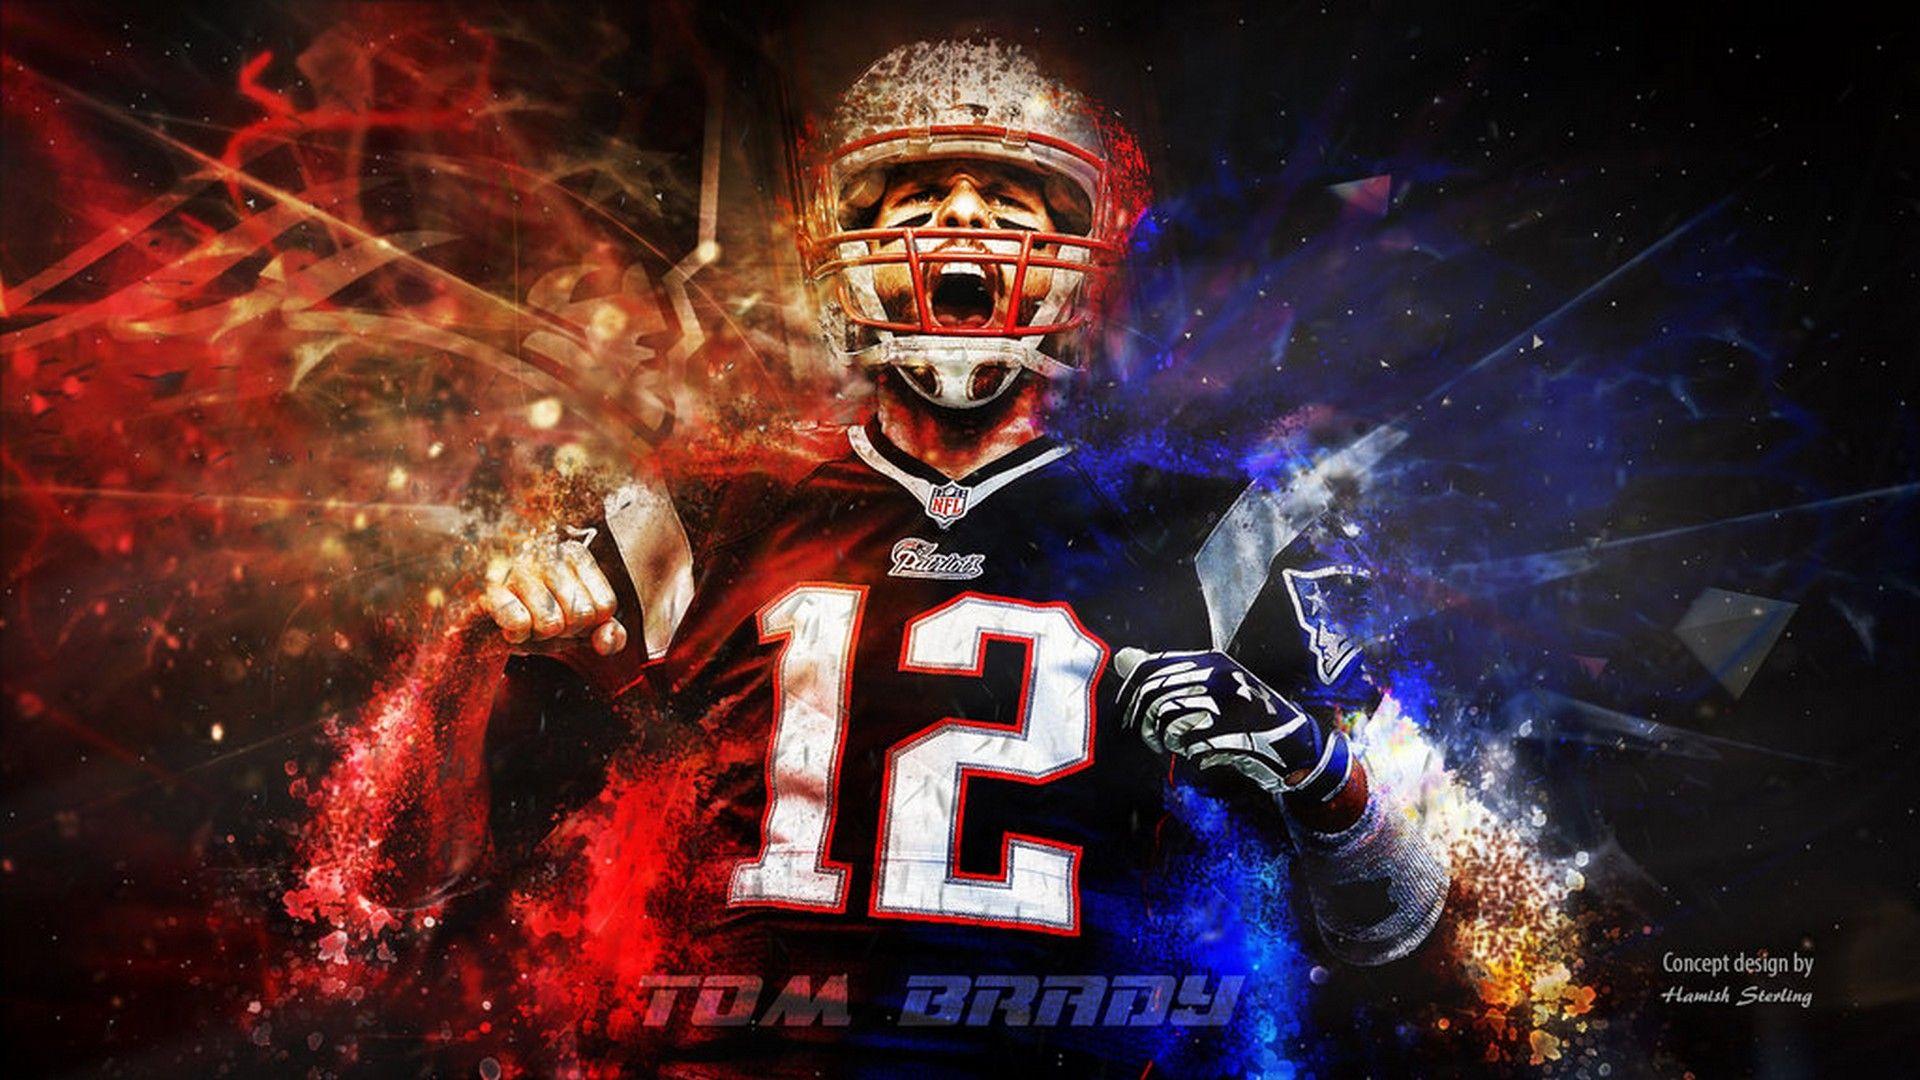 Wallpaper Tom Brady Goat Desktop Best Wallpaper Hd Tom Brady Posters Tom Brady Wallpaper Tom Brady